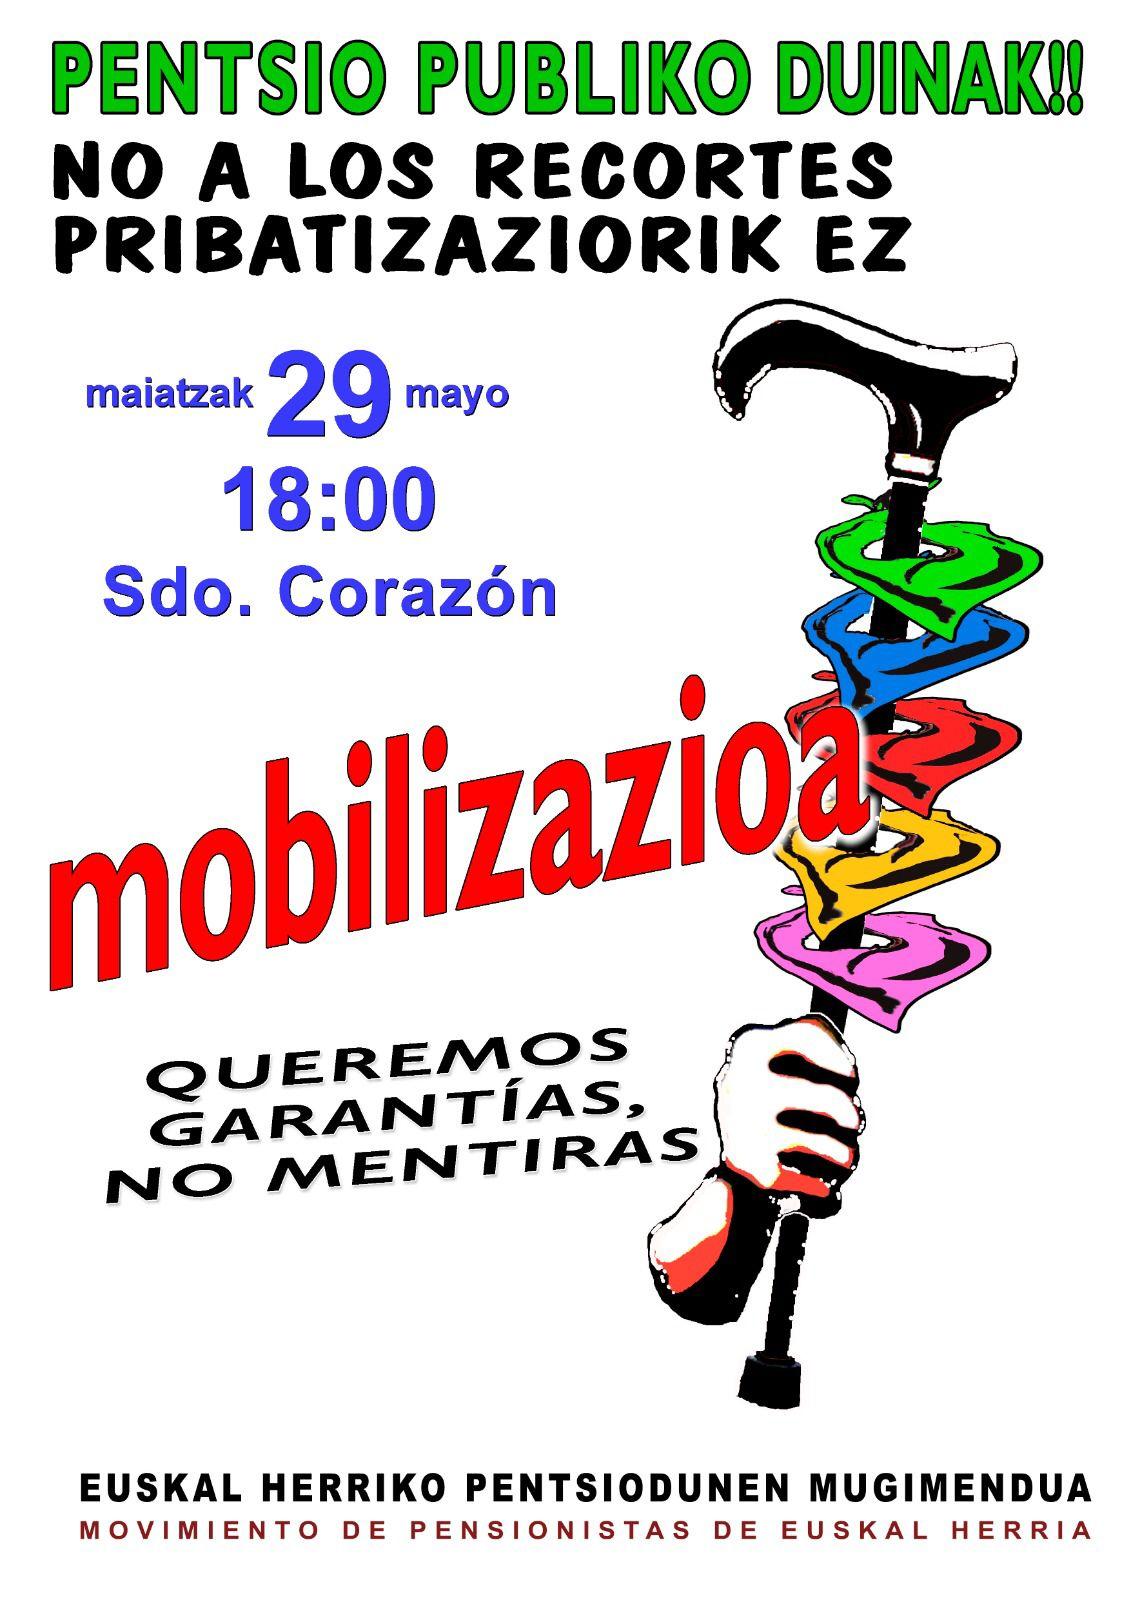 IRRATIEN TARTEA | Kubako blokeoaren kontrako itsas ibilaldia, Zaharrean Berri! eta Pentsio publiko duinak manifestazioa